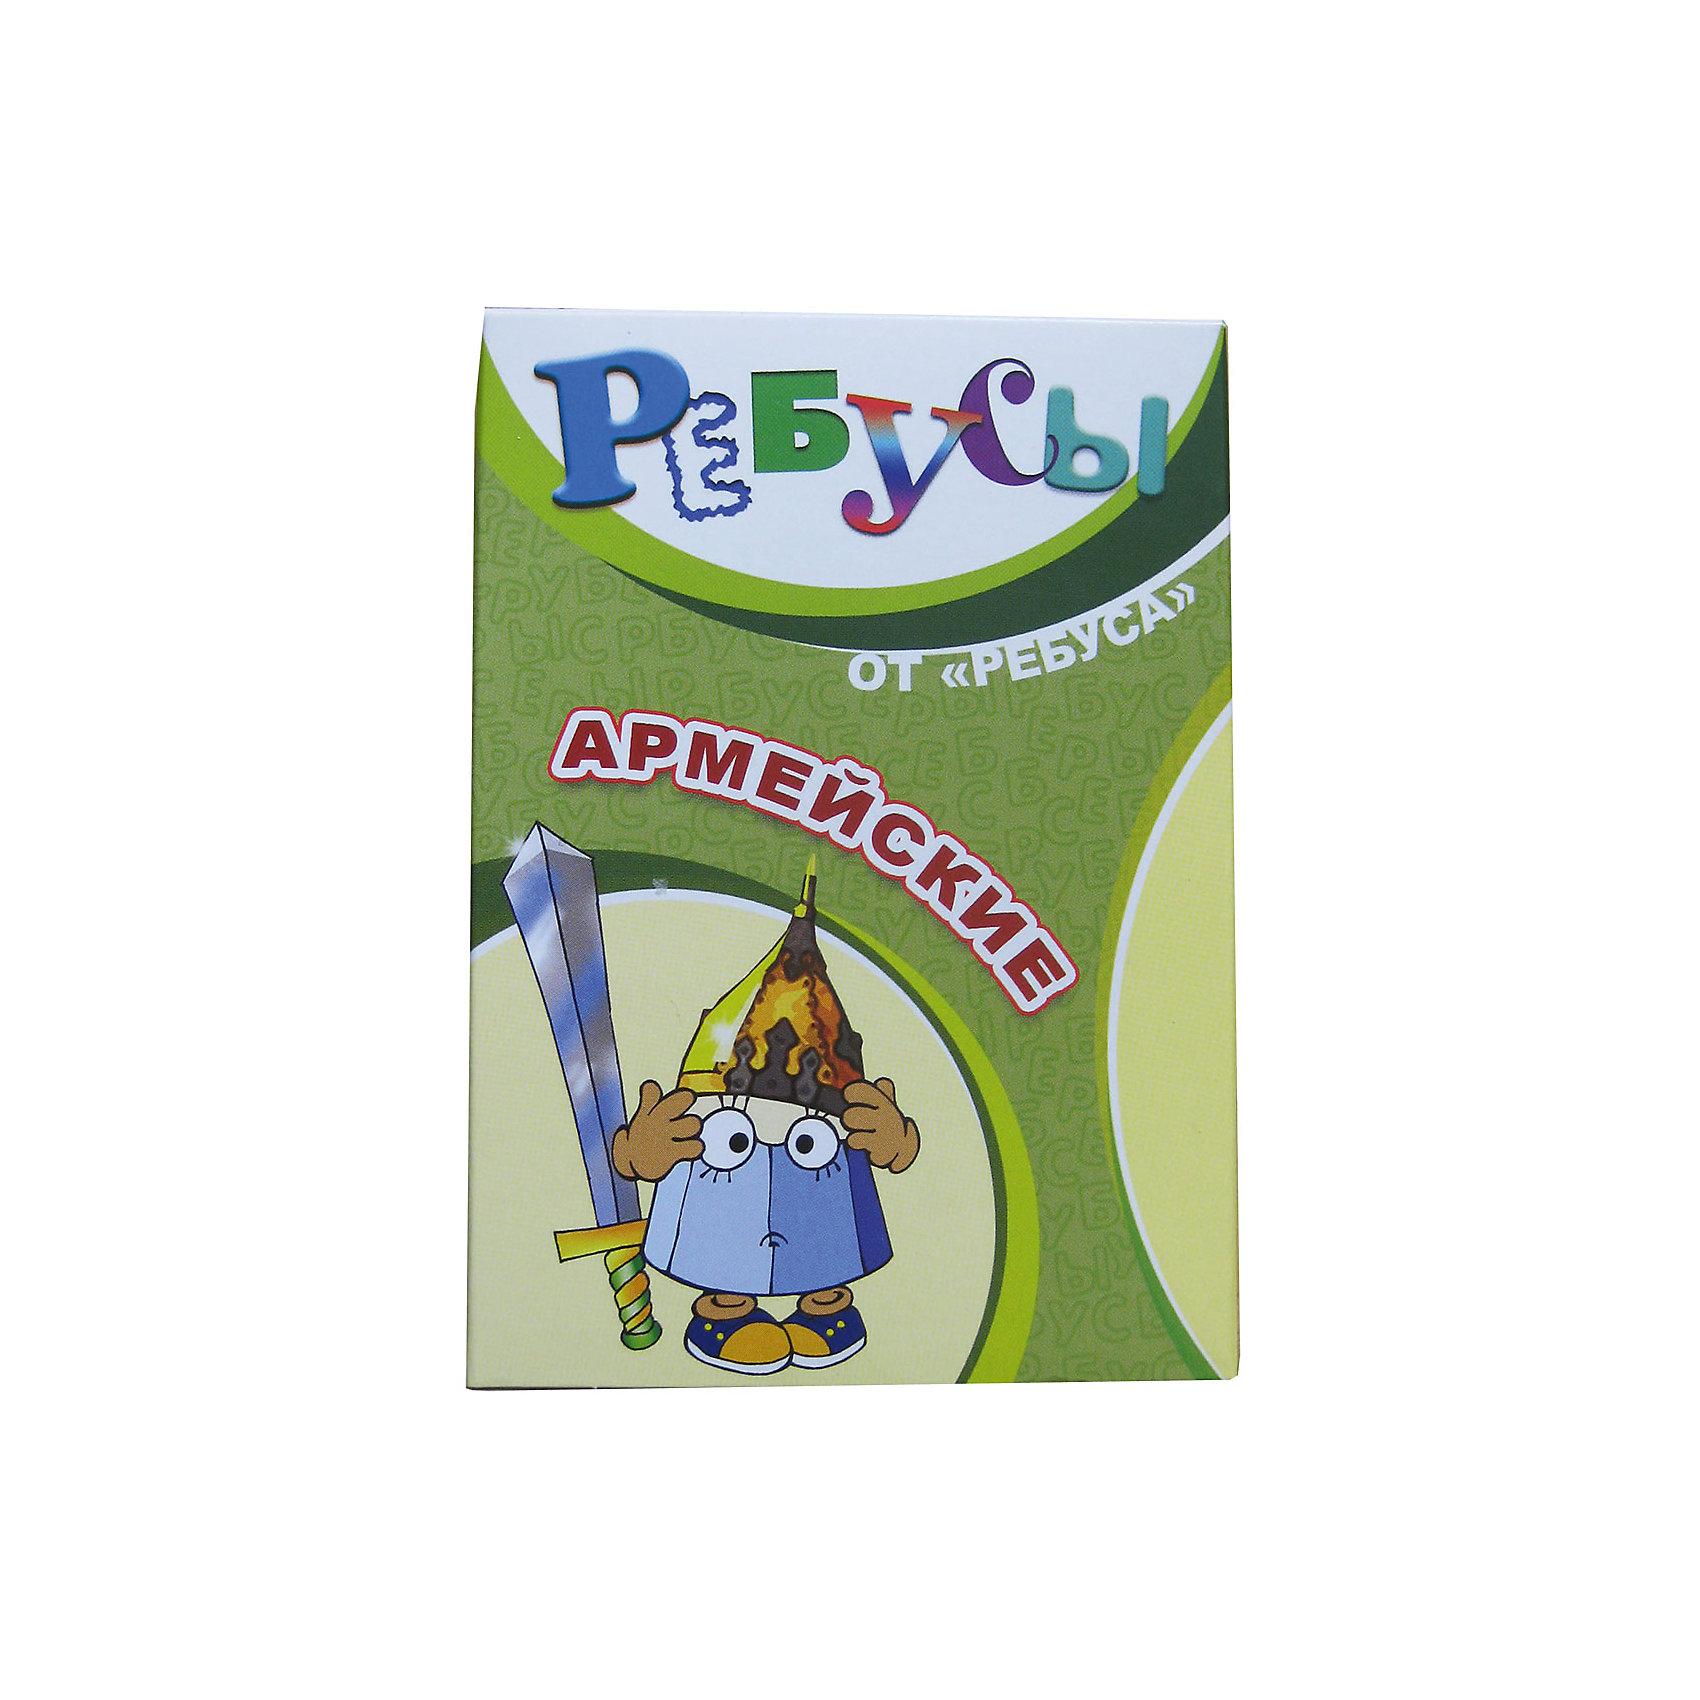 Ребусы Армейские, Игротека Татьяны БарчанВикторины, ребусы<br>Ребусы Армейские, Игротека Татьяны Барчан.<br><br>Характеристики:<br><br>• Для детей в возрасте: от 6 до 12 лет<br>• В комплекте: 20 карточек с ребусами, инструкция, ответы<br>• Размер карточек: 11,5х8 см.<br>• Материал: плотный качественный картон<br>• Производитель: ЦОТР Ребус (Россия)<br>• Упаковка: картонная коробка<br>• Размер упаковки: 120х85х20 мм.<br>• Вес: 55 гр.<br><br>В небольшой коробочке – задания для тех, кто любит разгадывать ребусы. Тема: специальные зашифрованные армейские слова. Среди них встречаются простые (например, полк, погон) и редкие (штандарт). <br><br>Задания можно использовать в конкурсах, викторинах, на праздниках. Небольшой формат позволяет взять игру в дорогу. Занимательный процесс разгадывания ребусов способствует развитию у детей внимания, пространственно-логического мышления и наблюдательности.<br><br>Ребусы Армейские, Игротека Татьяны Барчан можно купить в нашем интернет-магазине.<br><br>Ширина мм: 120<br>Глубина мм: 85<br>Высота мм: 20<br>Вес г: 50<br>Возраст от месяцев: 72<br>Возраст до месяцев: 144<br>Пол: Унисекс<br>Возраст: Детский<br>SKU: 6751352